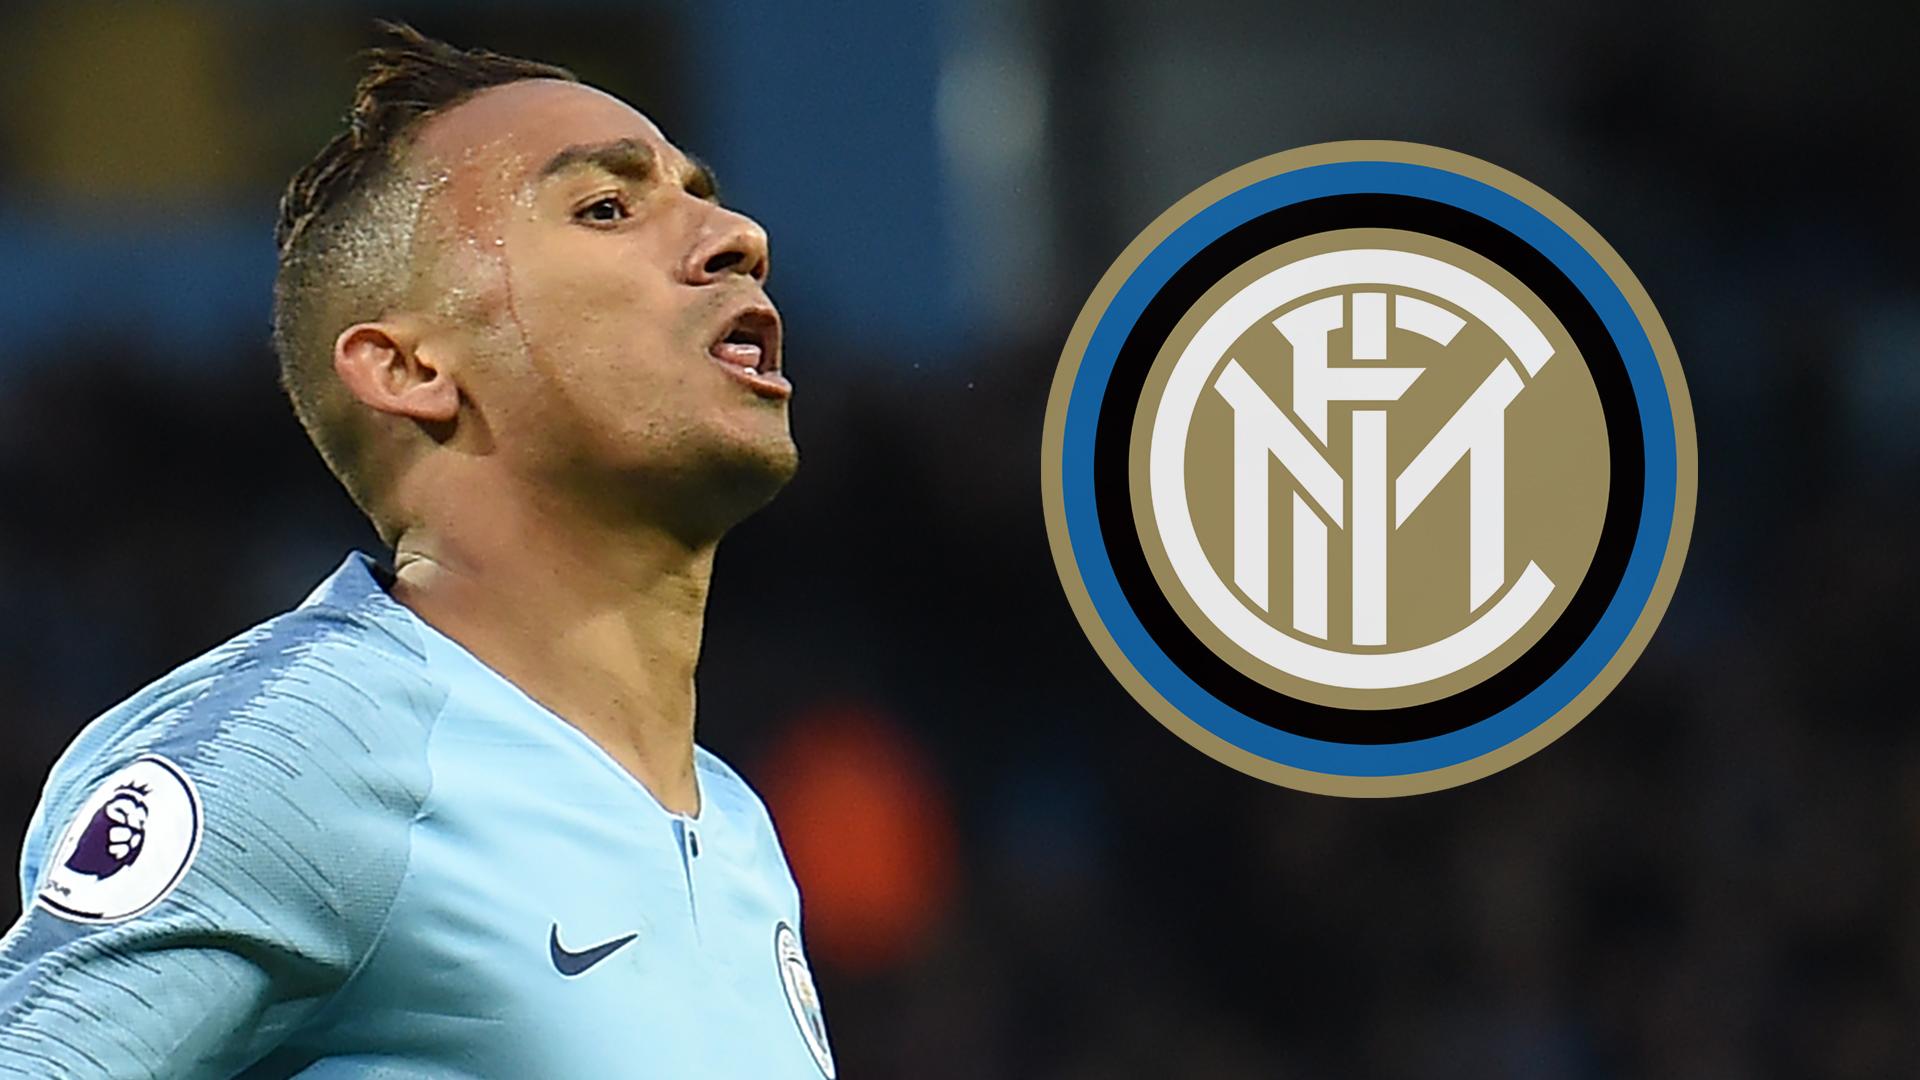 Danilo Inter image